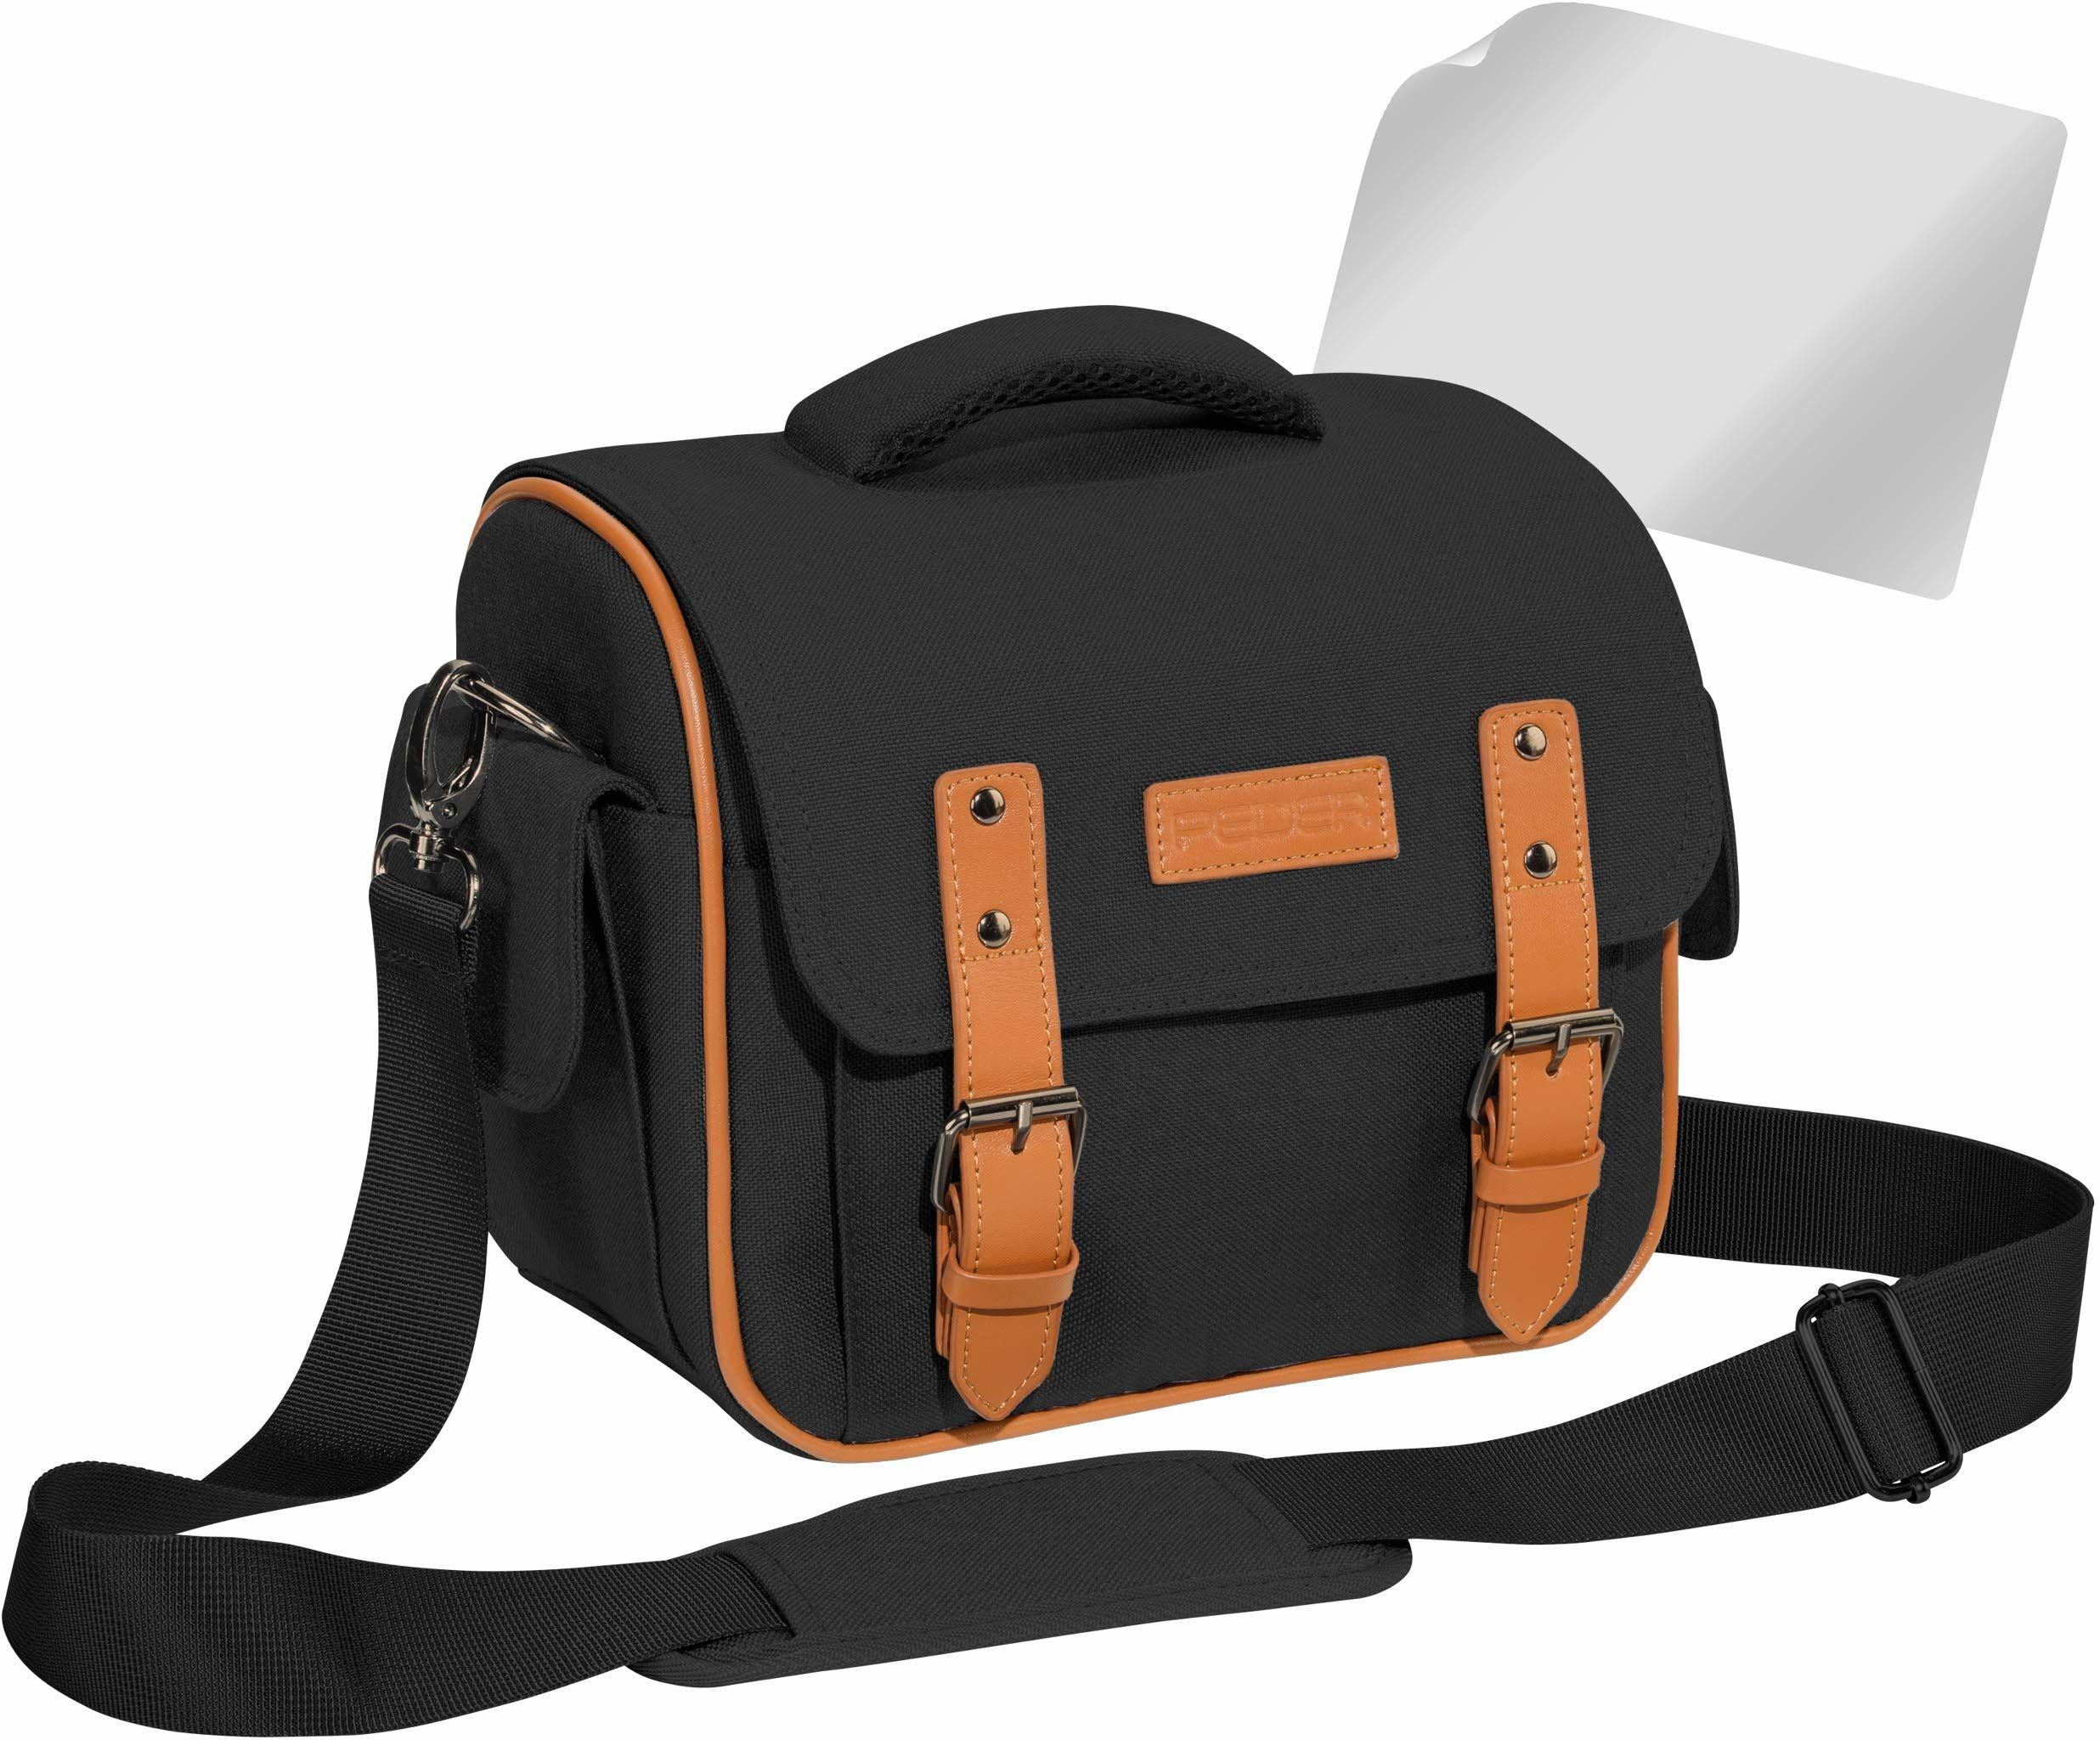 """PEDEA DSLR torba na aparat """"Vintage"""" z folią ochronną na wyświetlacz do Canon EOS 5D Mark II 400D 2000D / Nikon D60 D80 D90 D3100 D3200 D3300 D3400 D5300 D7100 / Pentax K 50 K 500, rozm. XL czarny"""